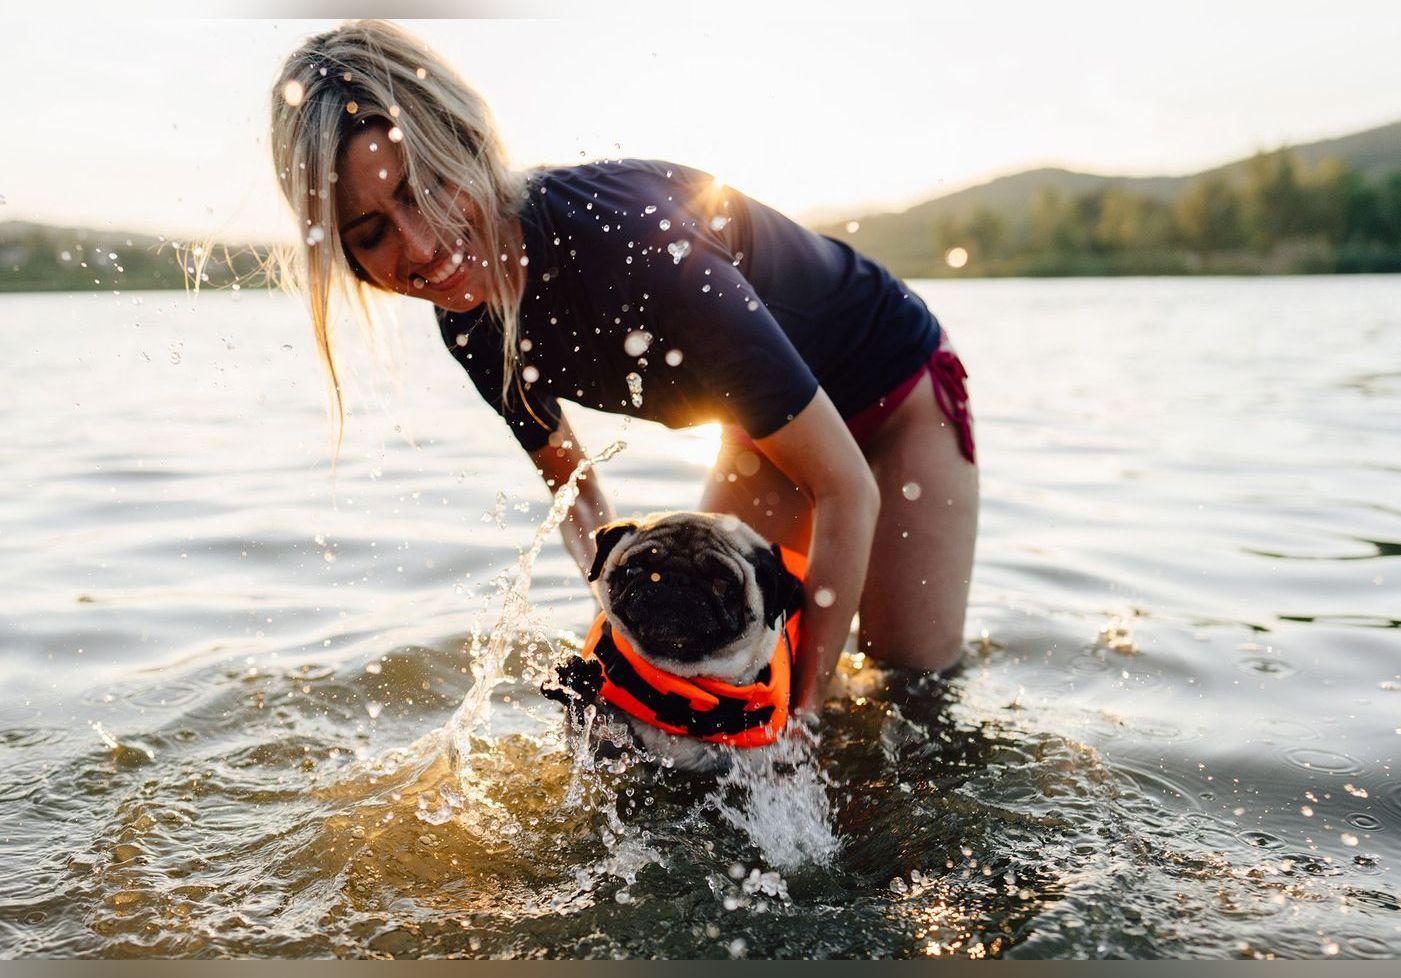 Où partir avec son chien en vacances ? Les 10 villes les plus « dog friendly » de France cet été